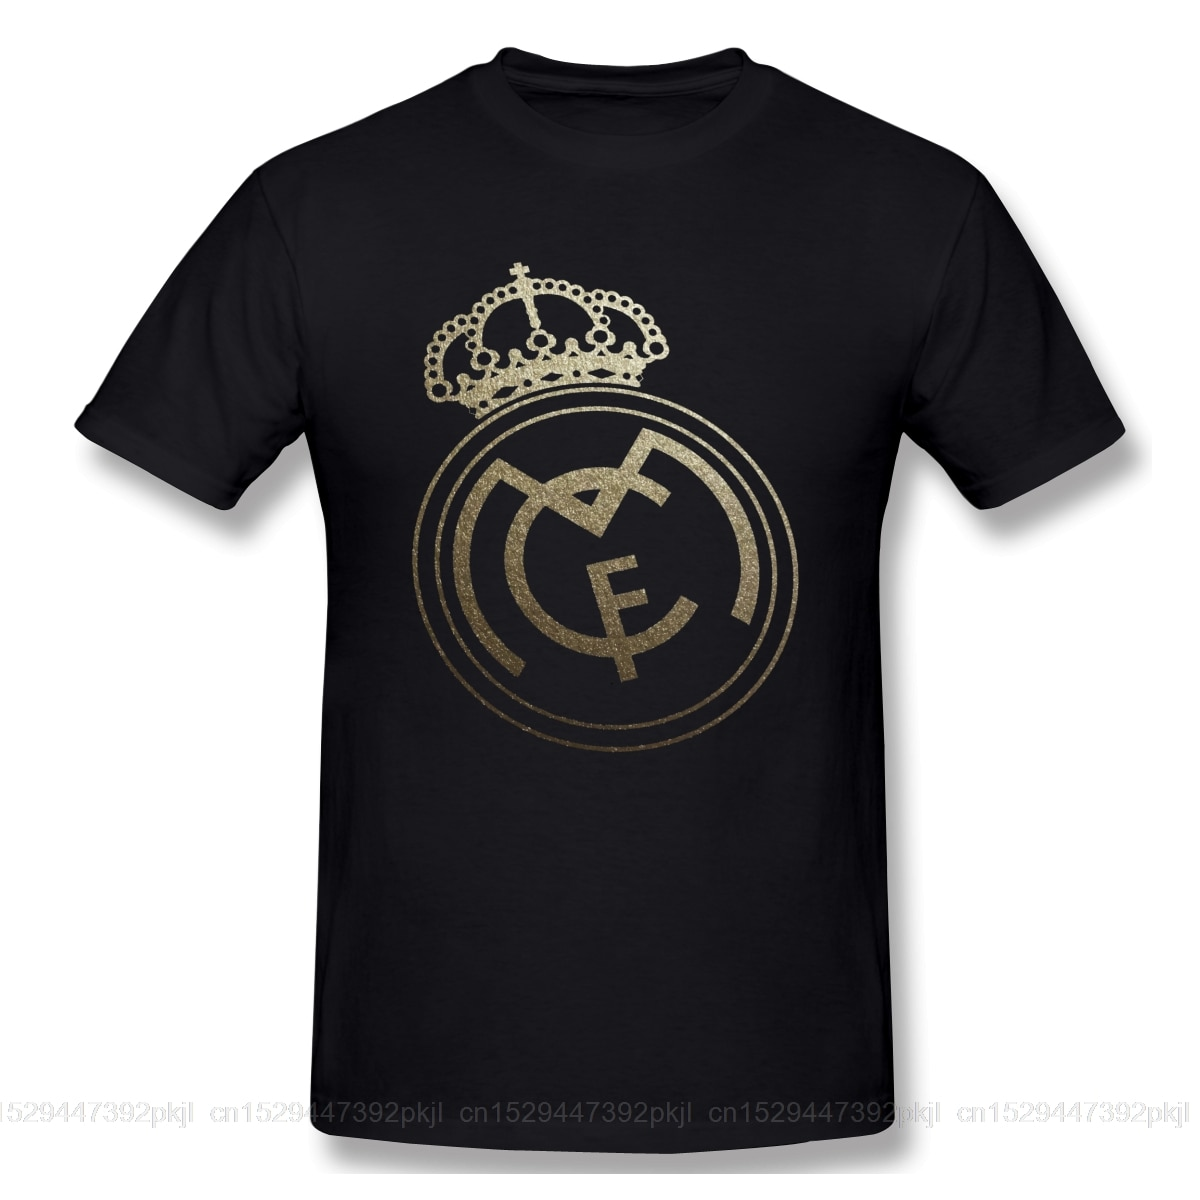 Amarillo Real Madrided señal divertida camiseta hombres mujeres verano O cuello Casual algodón camiseta gráfica Camiseta con cuello redondo